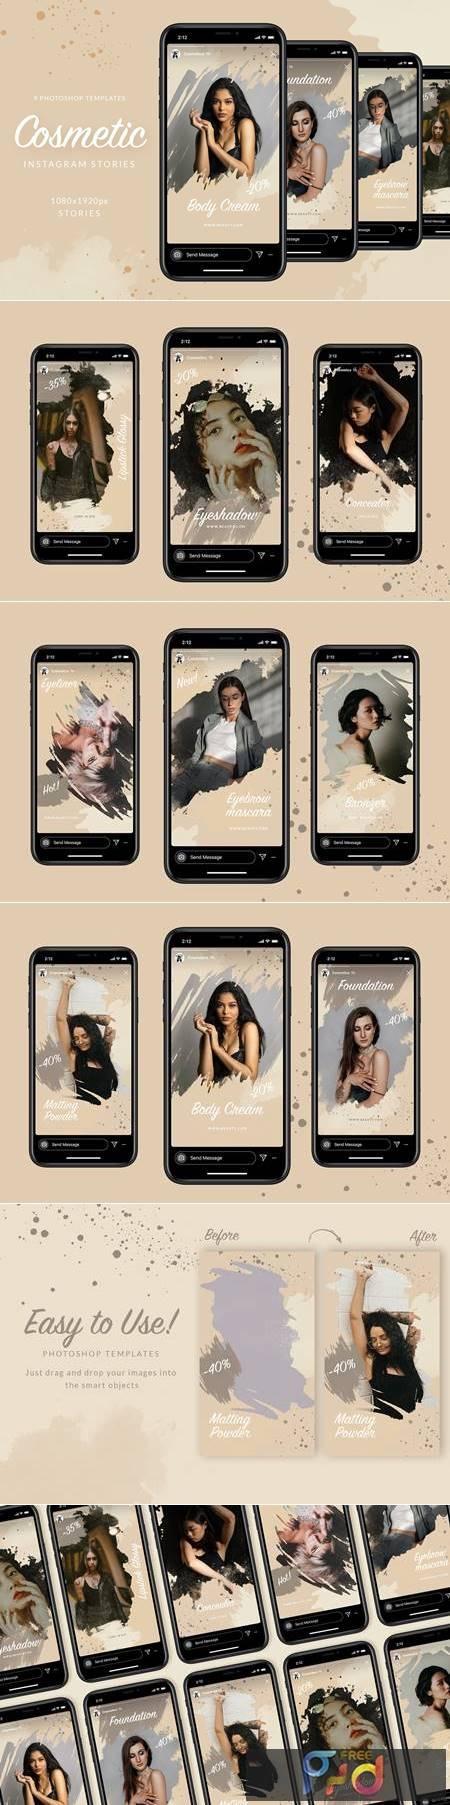 Cosmetic Instagram Stories 8JHLJU4 1